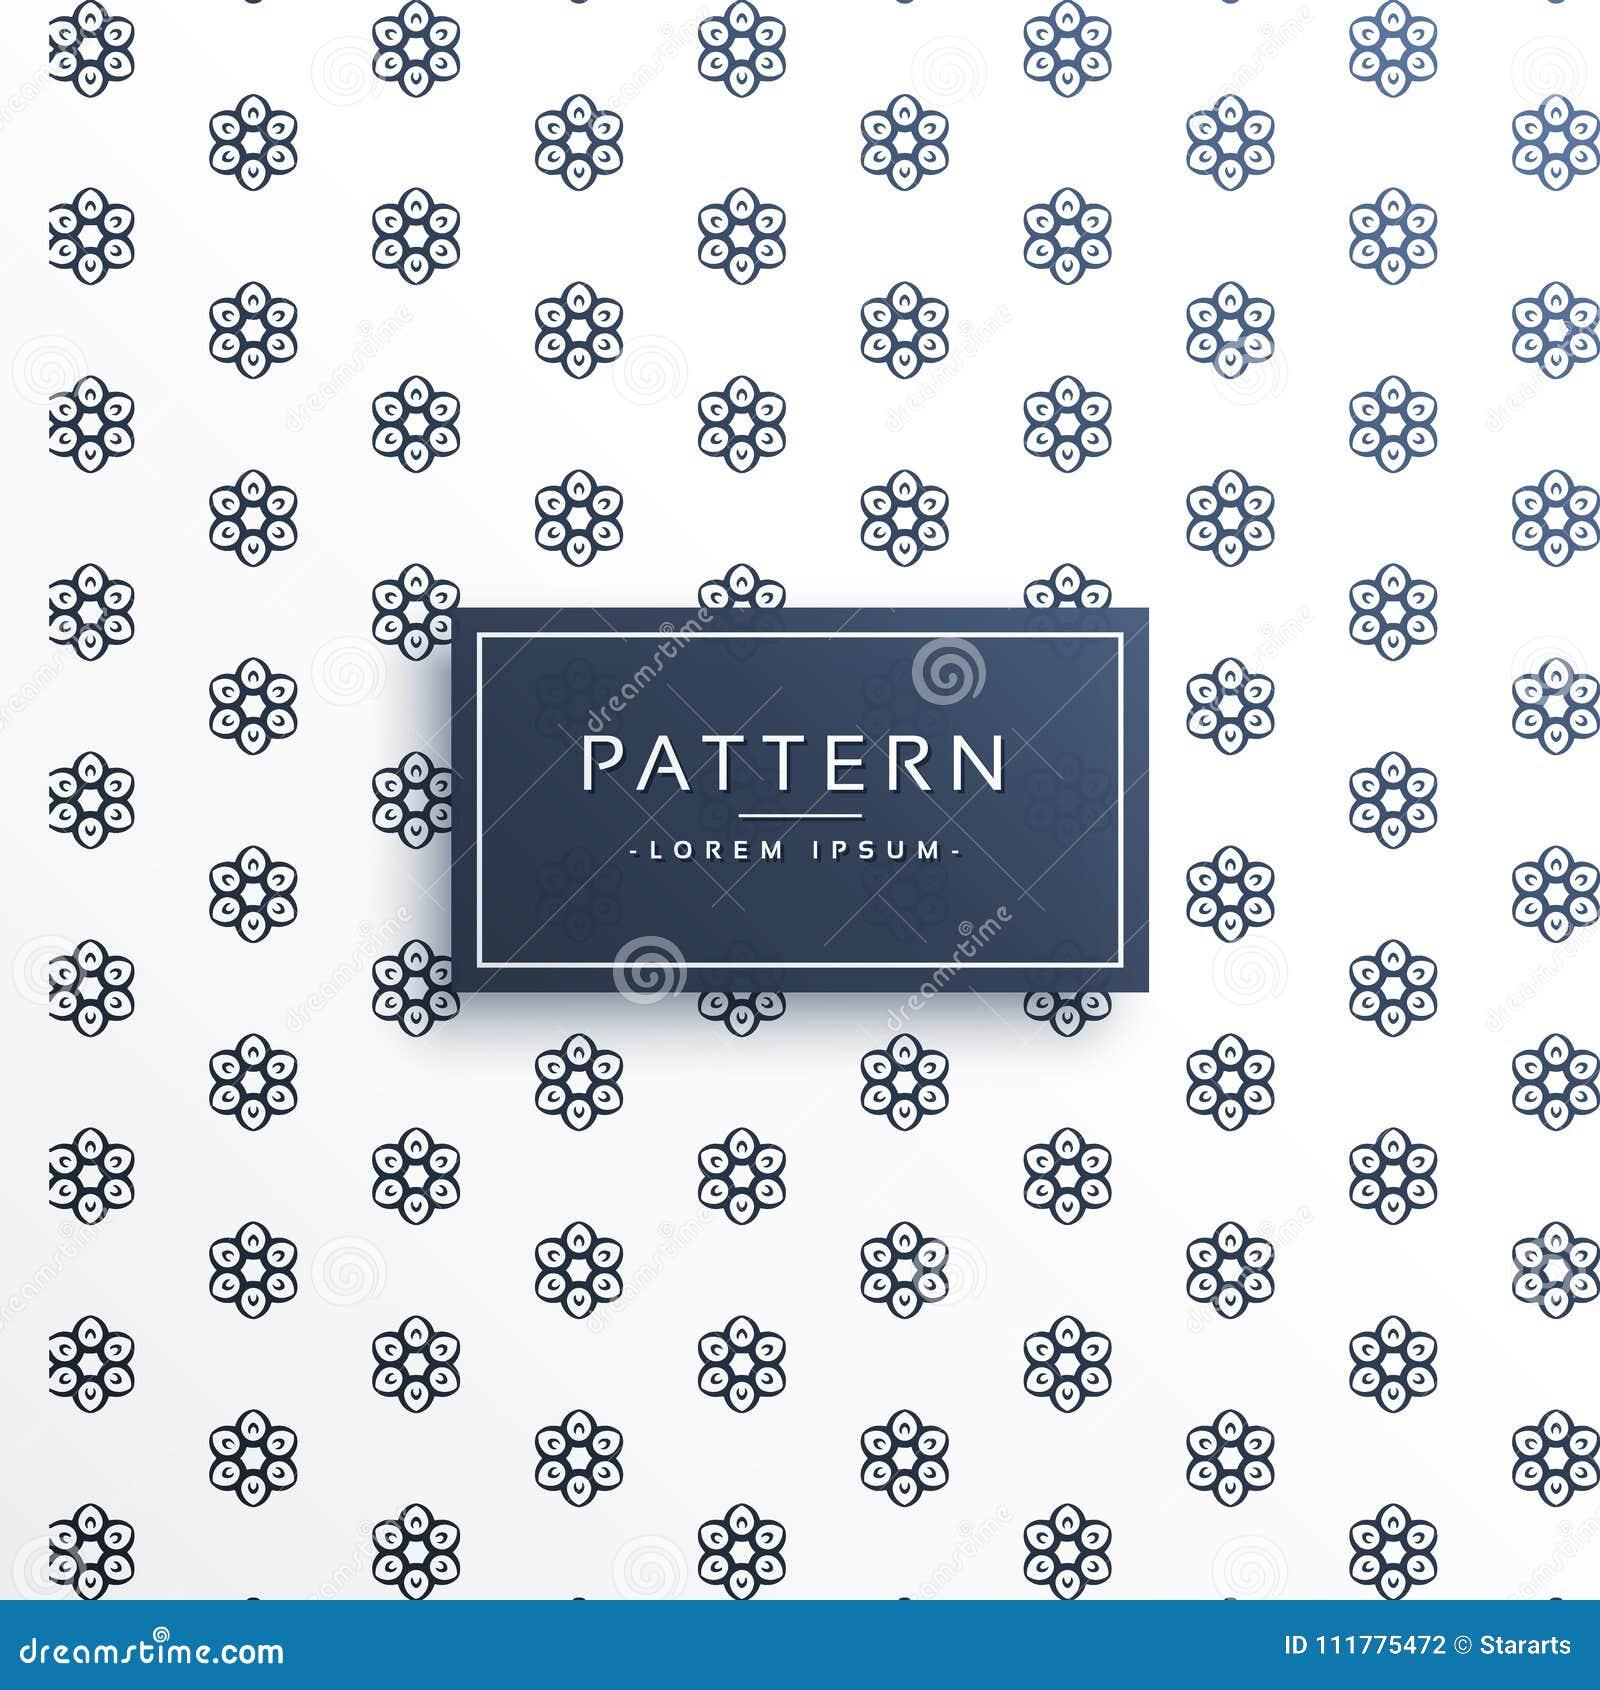 Cute flower pattern design background